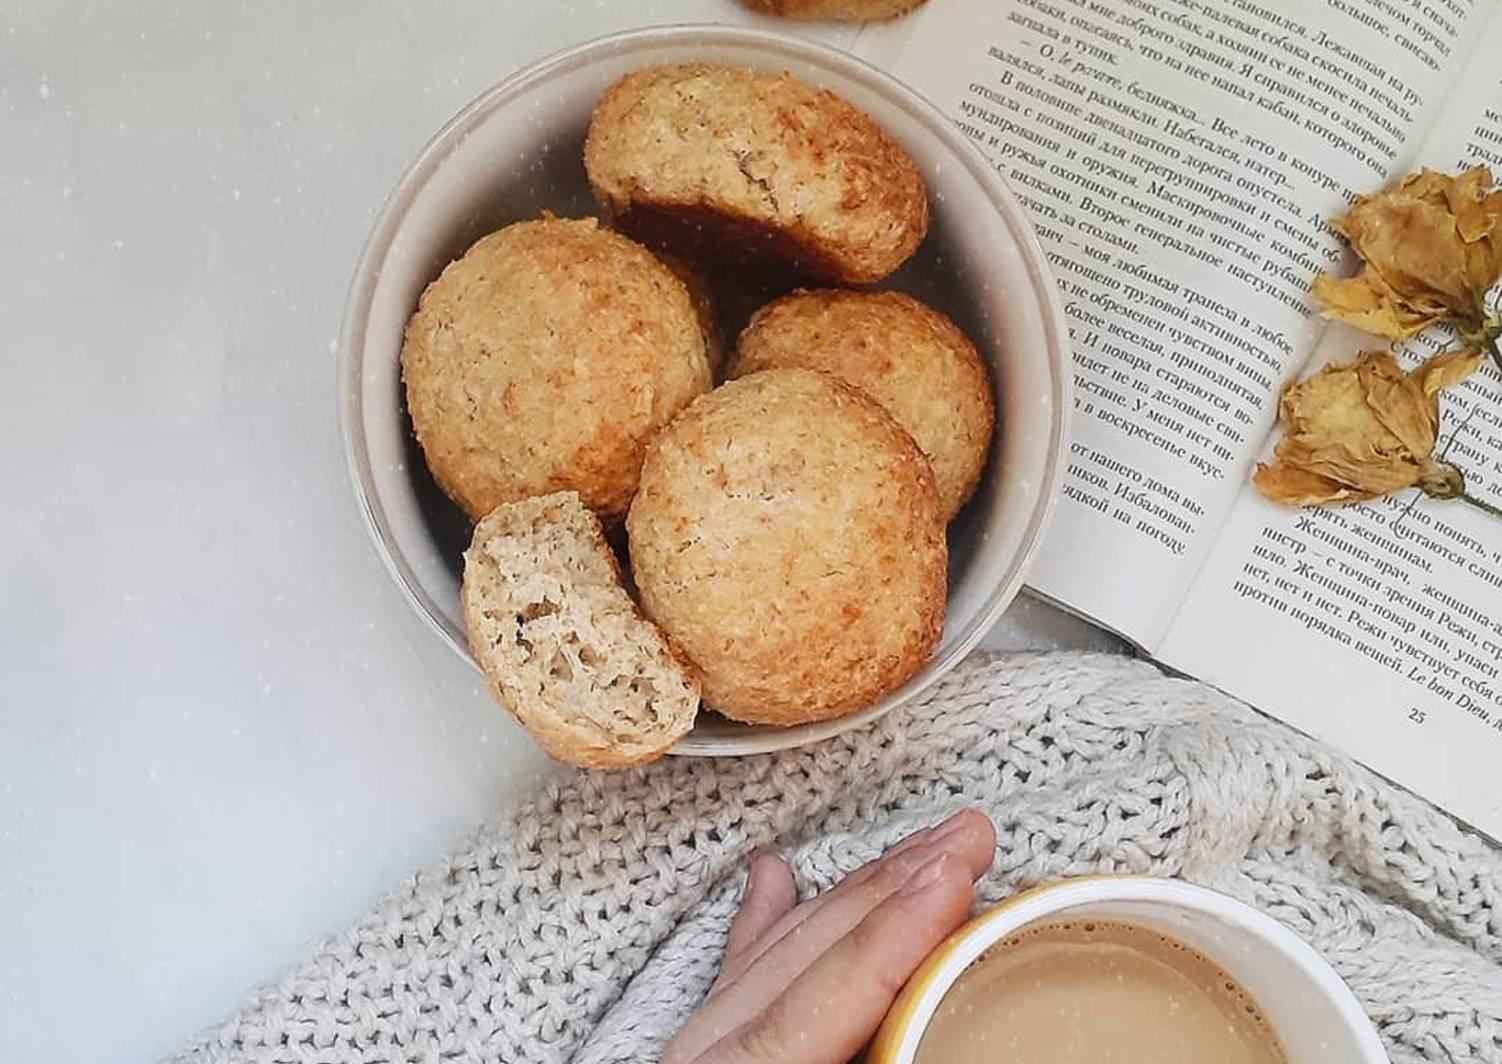 Овсяное печенье (более 100 рецептов с фото) - рецепты с фотографиями на поварёнок.ру